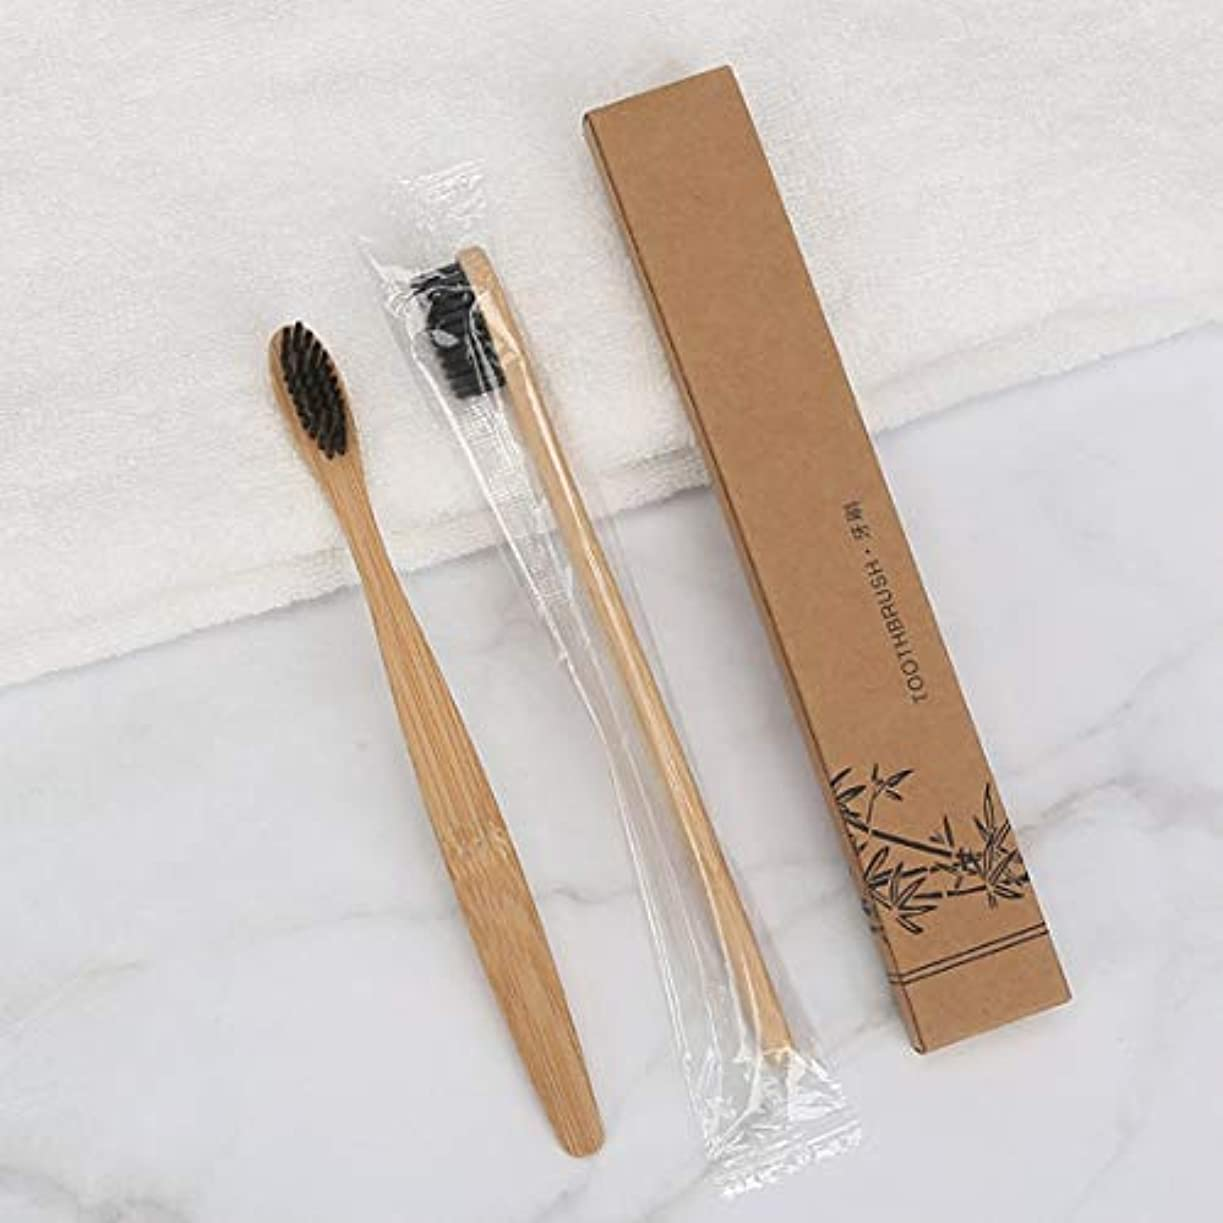 ソケット添加岩竹の歯ブラシ竹の歯ブラシ竹の歯ブラシ天然の竹のハンドル木材健康環境にやさしいやわらかい髪(黒)